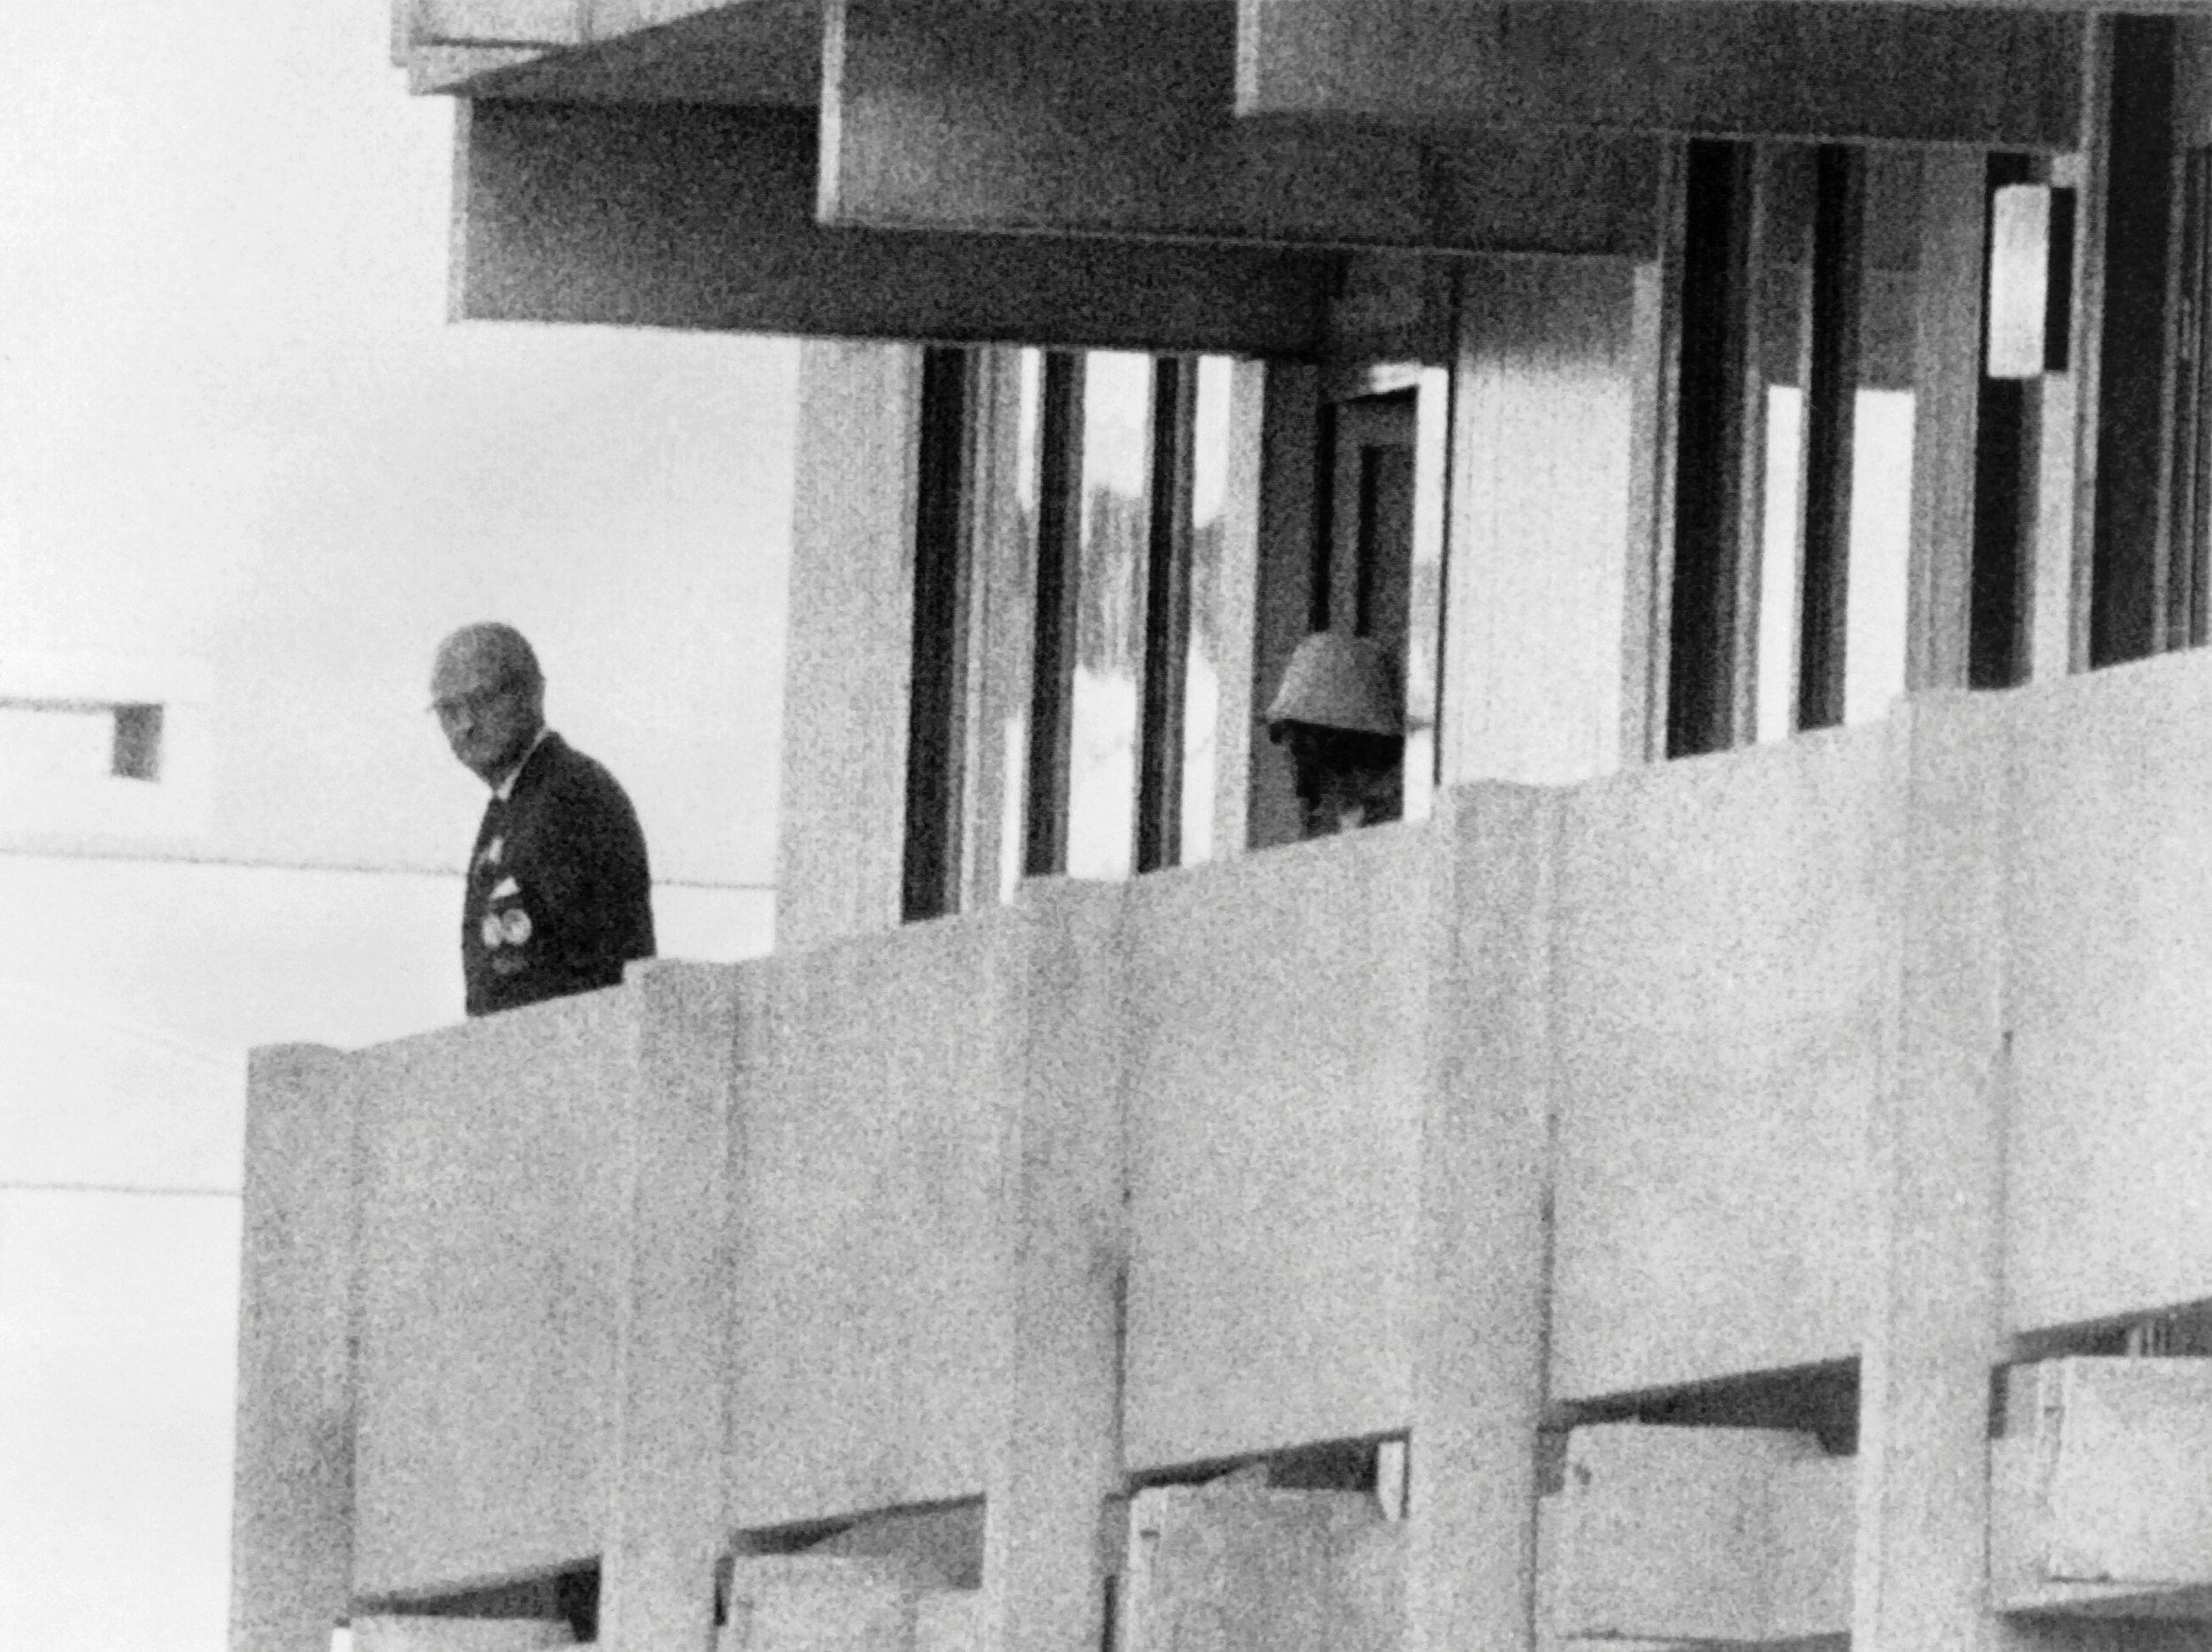 Munich attack in 1972